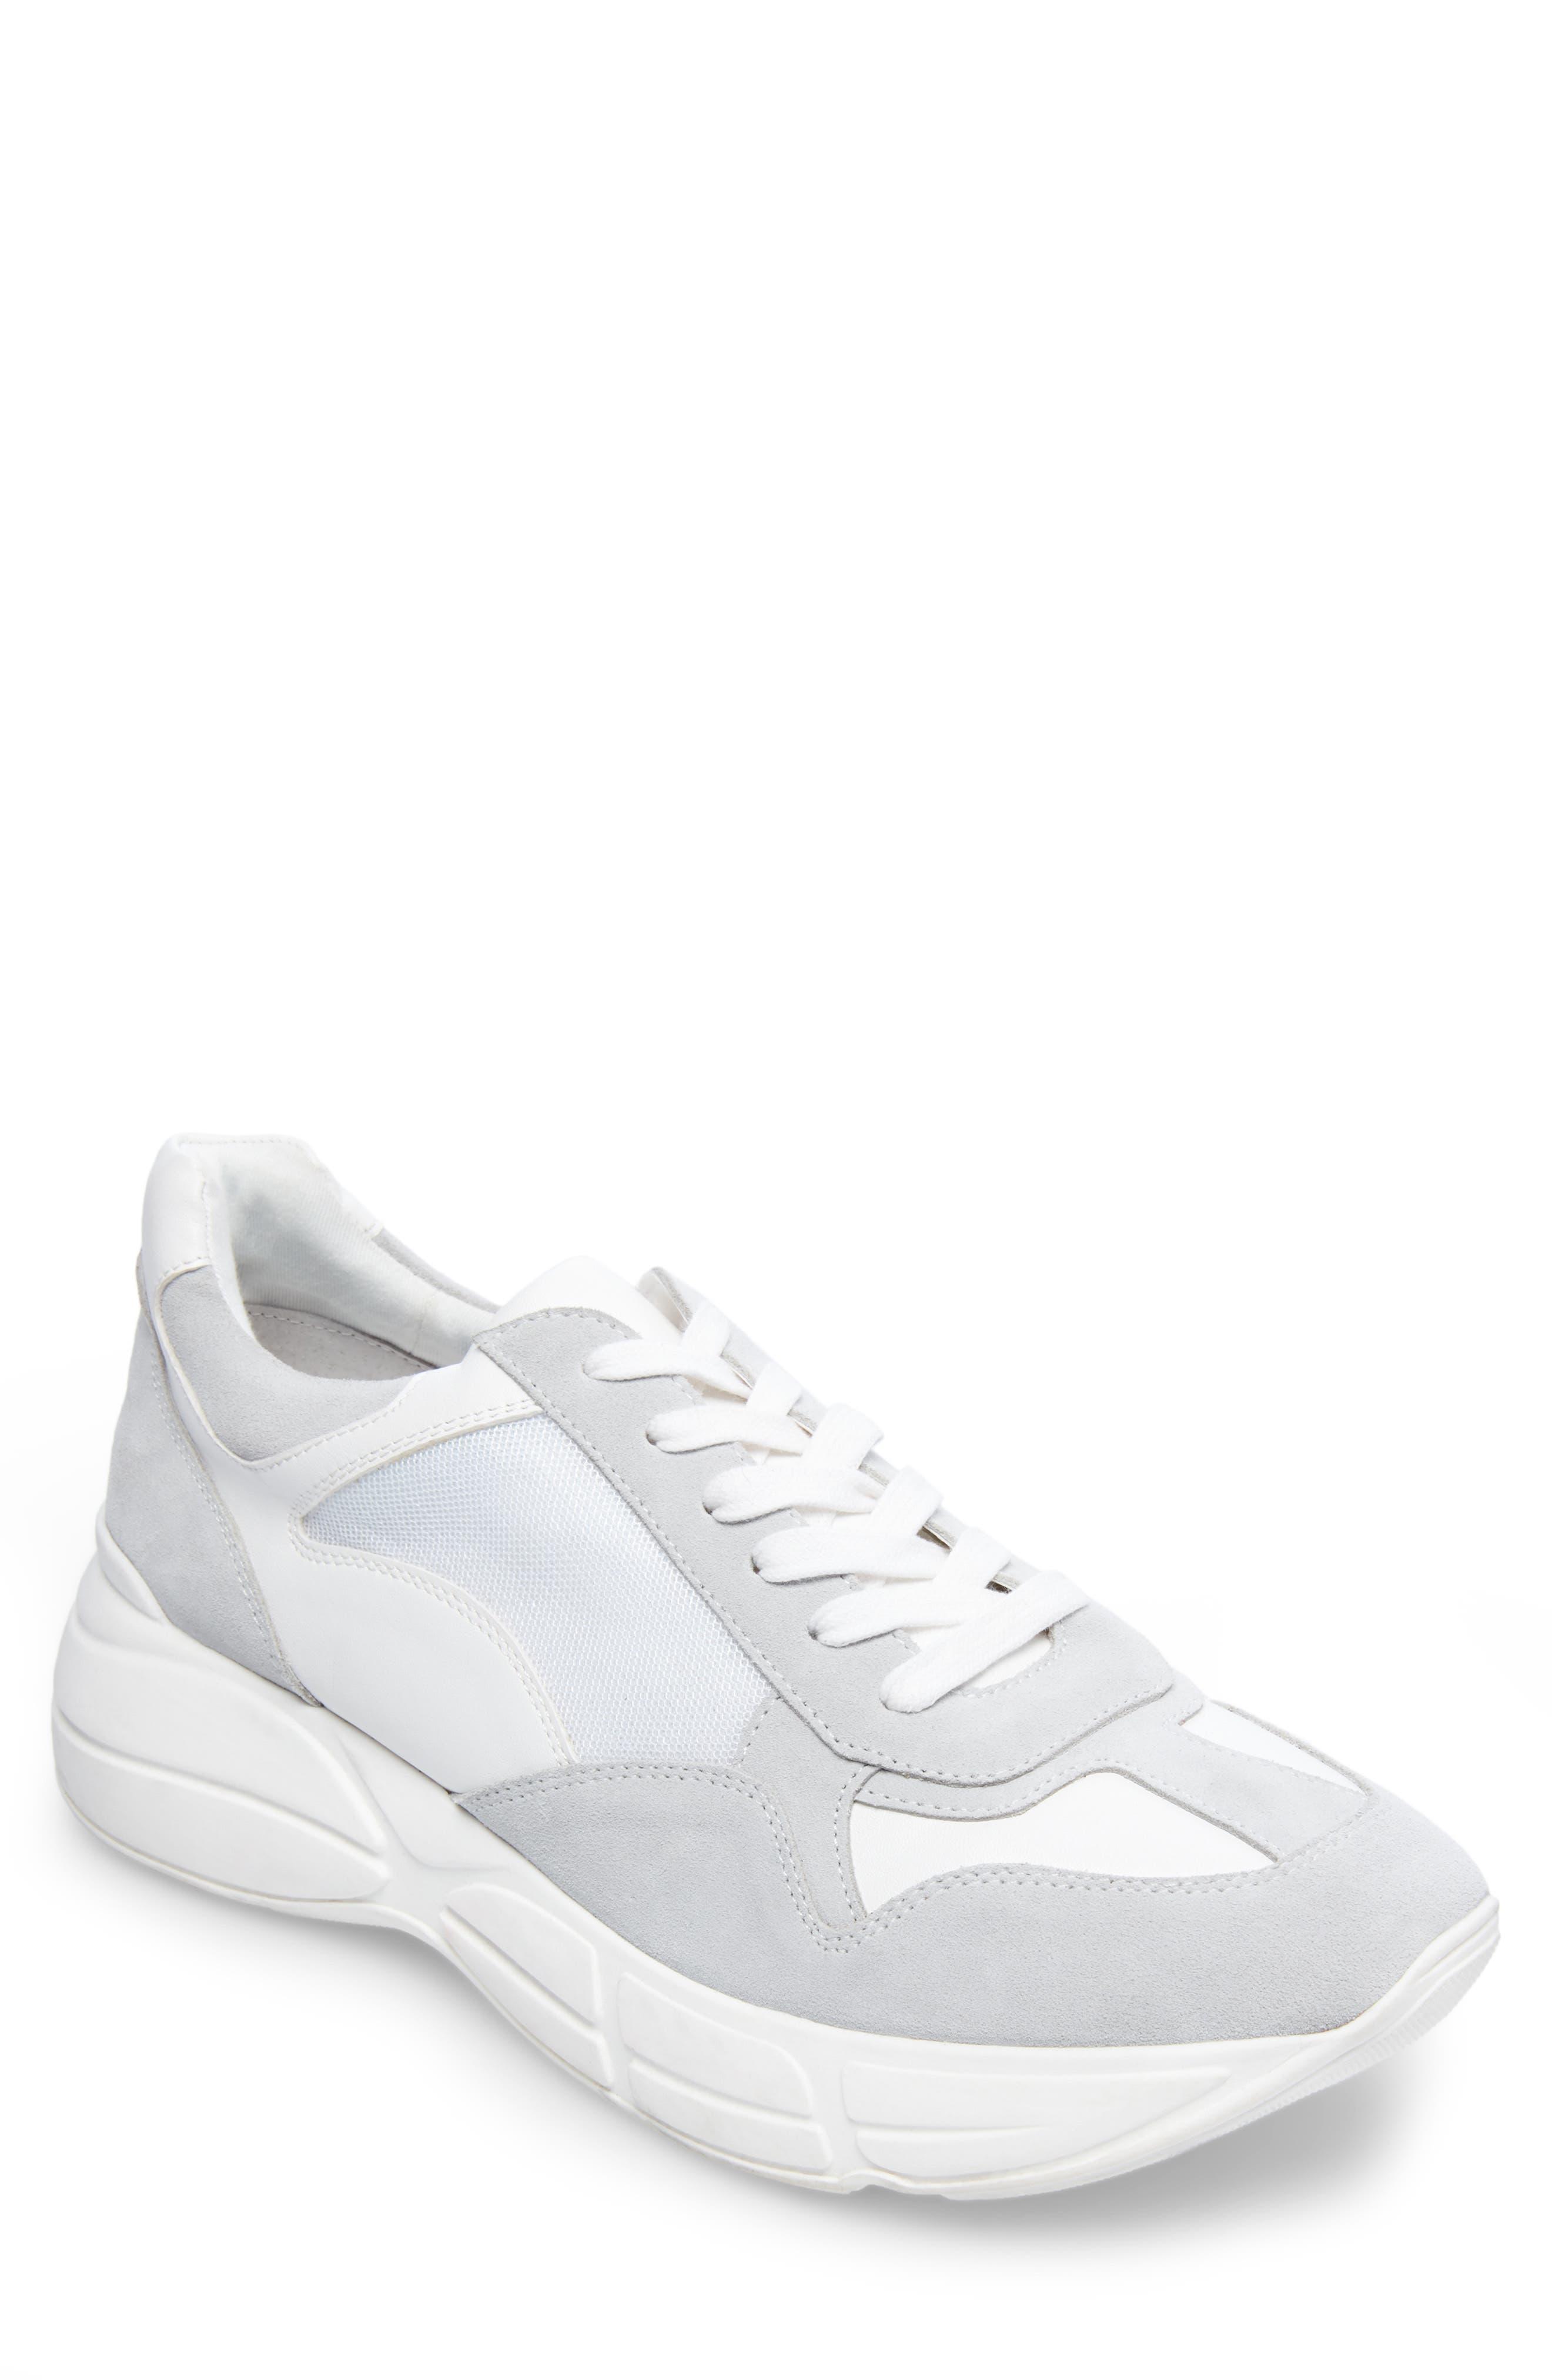 Steve Madden Sneakers COLE SNEAKER